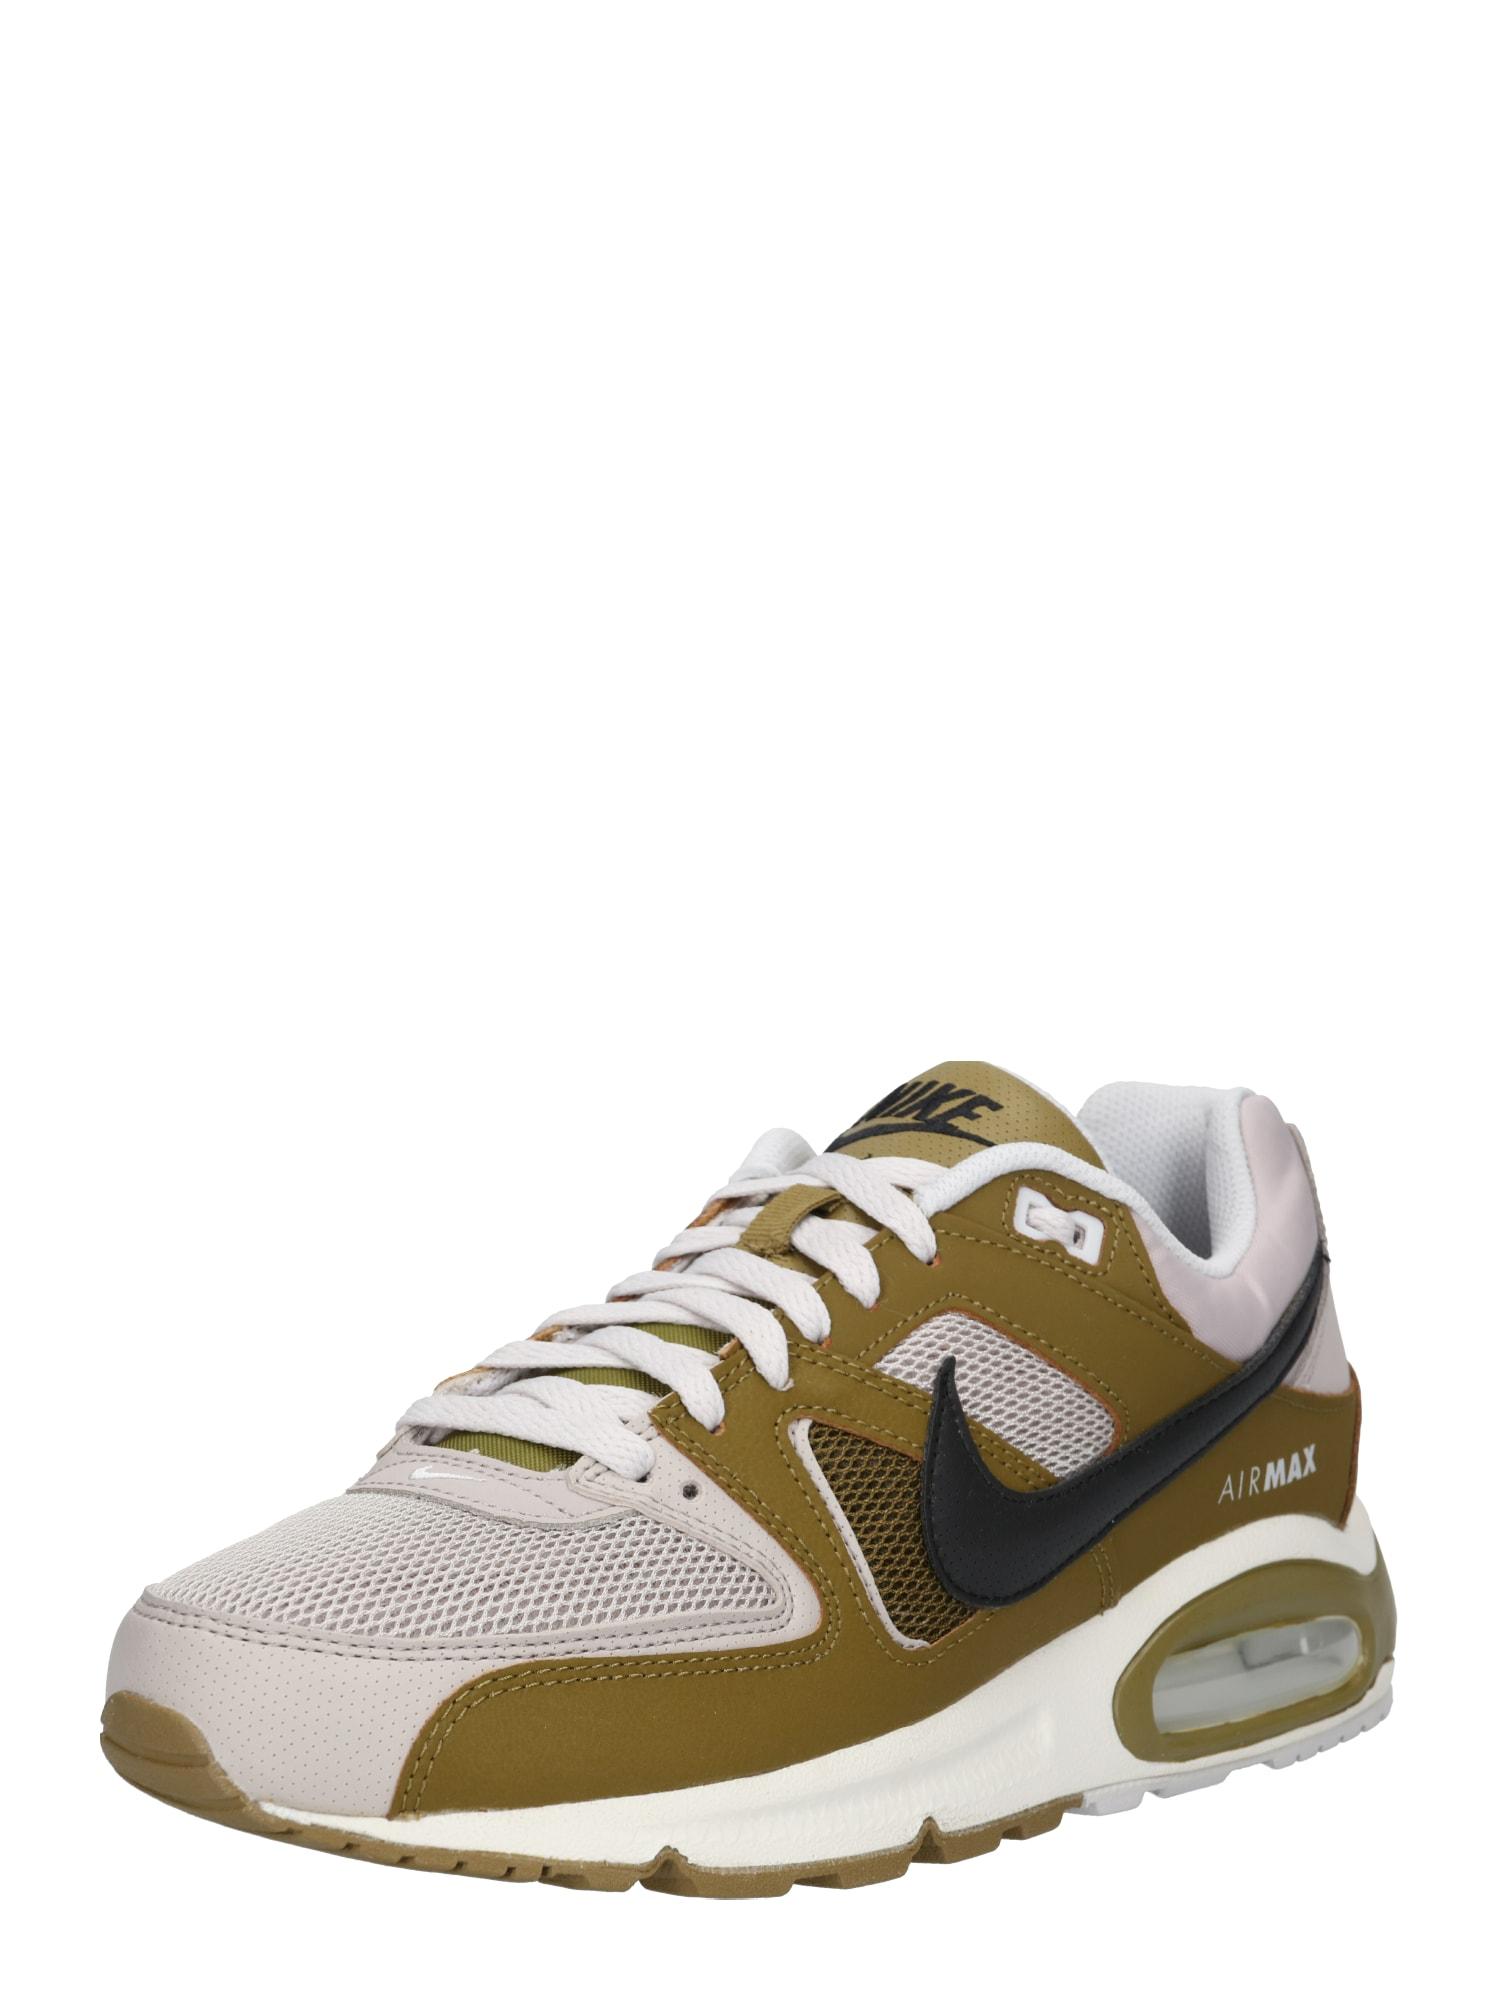 Tenisky Air Max Command světle šedá olivová Nike Sportswear